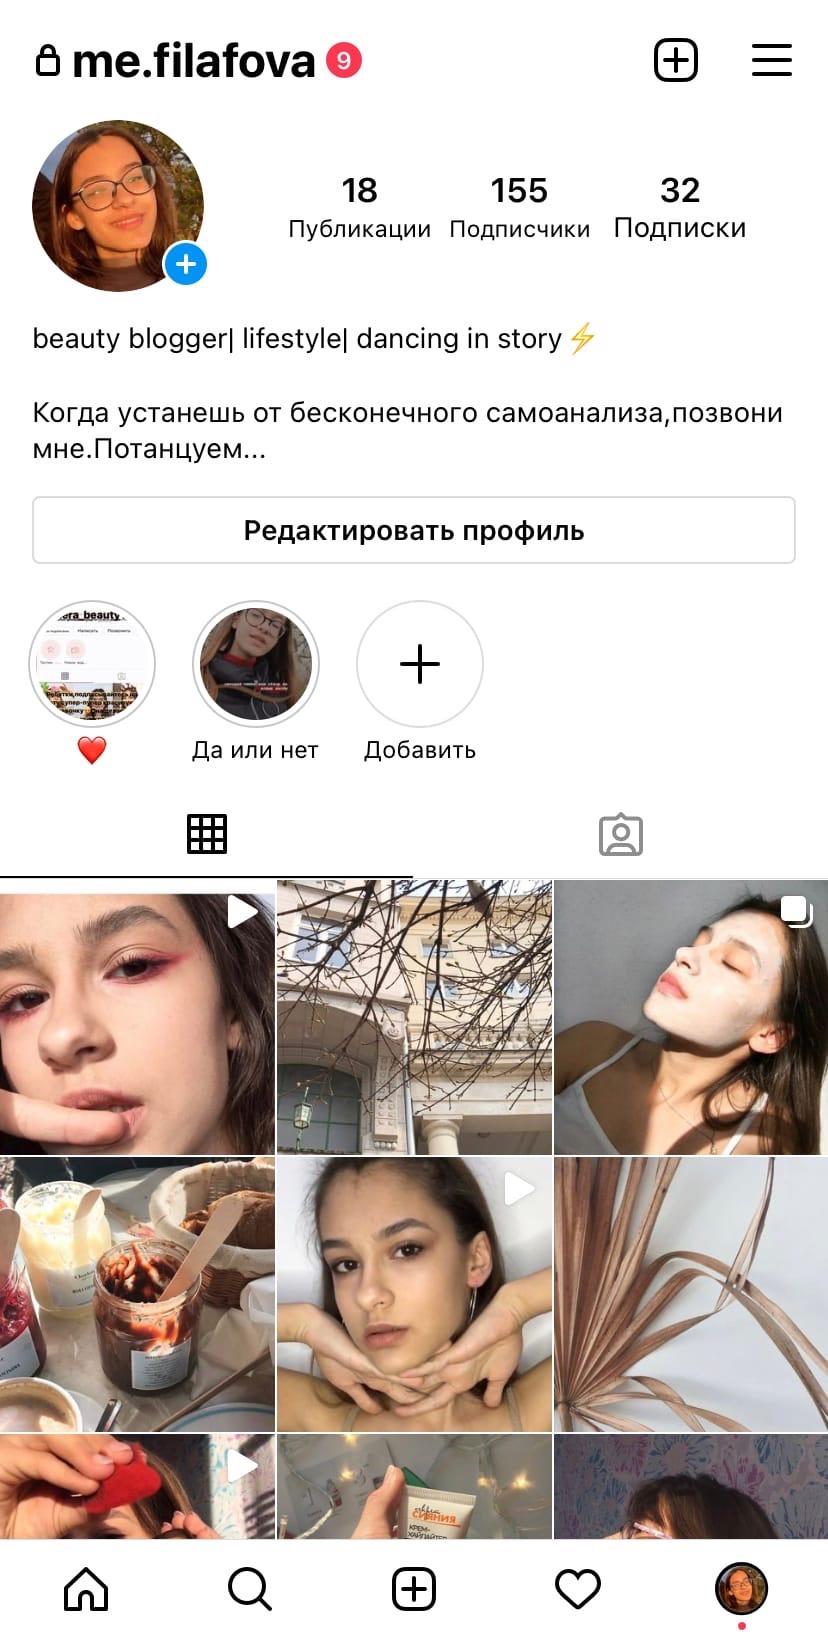 Инстаграм – сеть для самовыражения. Елизавета Клусова рассказывает о своем хобби 15